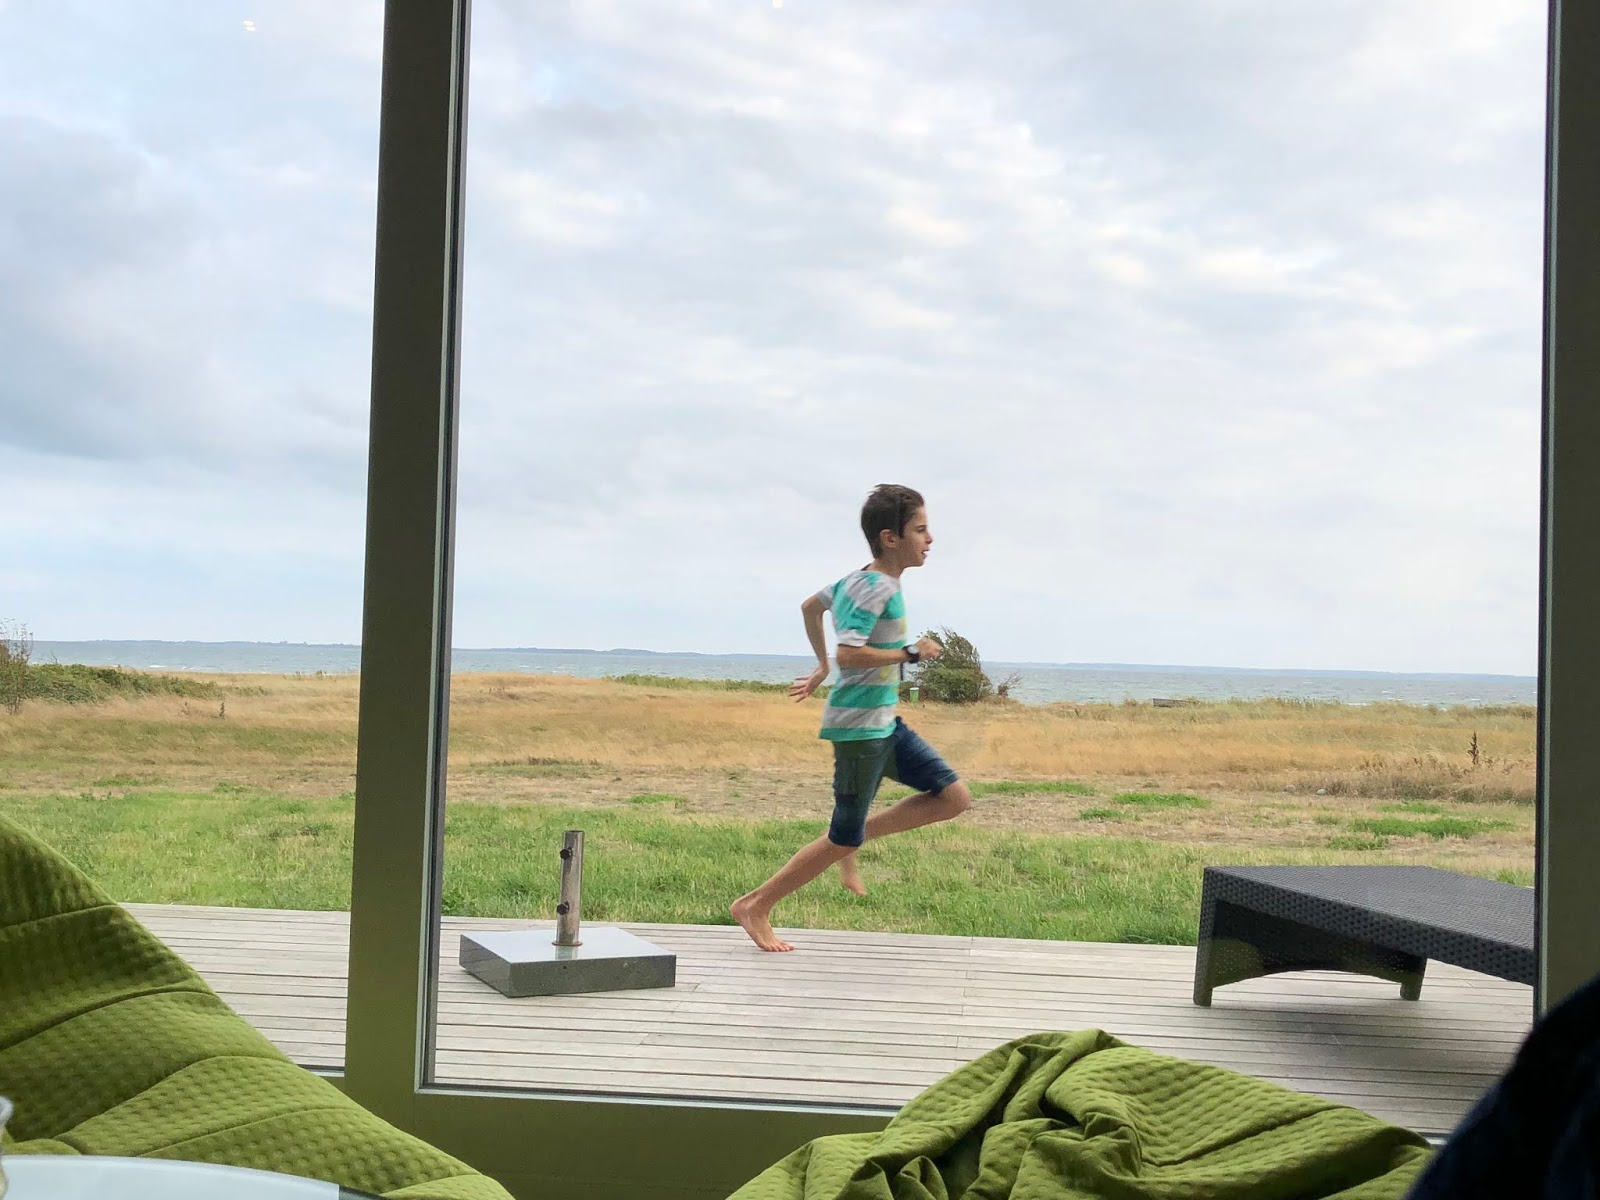 Unser Jakob macht Freudensprünge in Dänemark am Meer